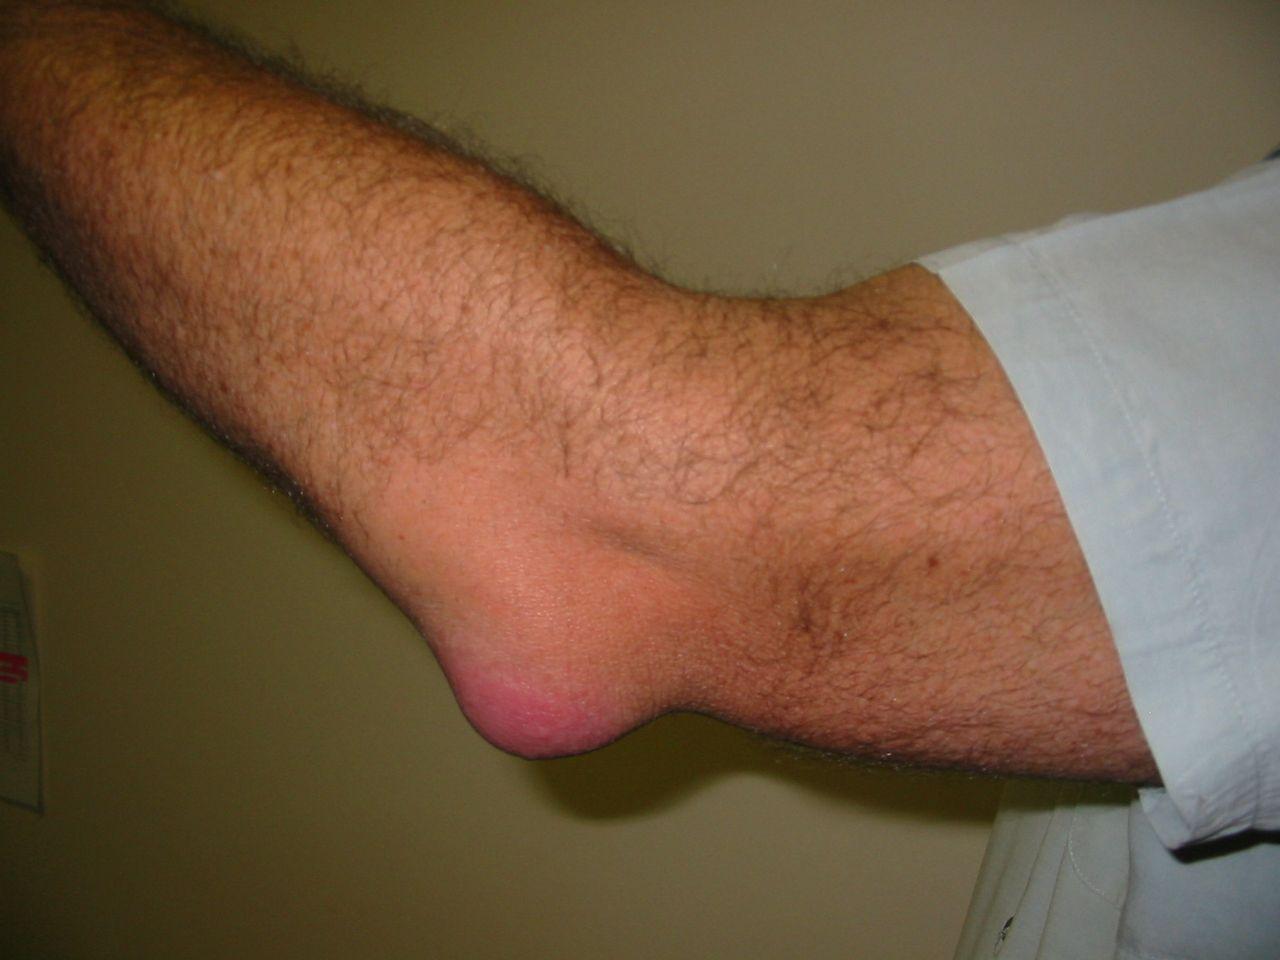 meddig fáj az ízületi gyulladás